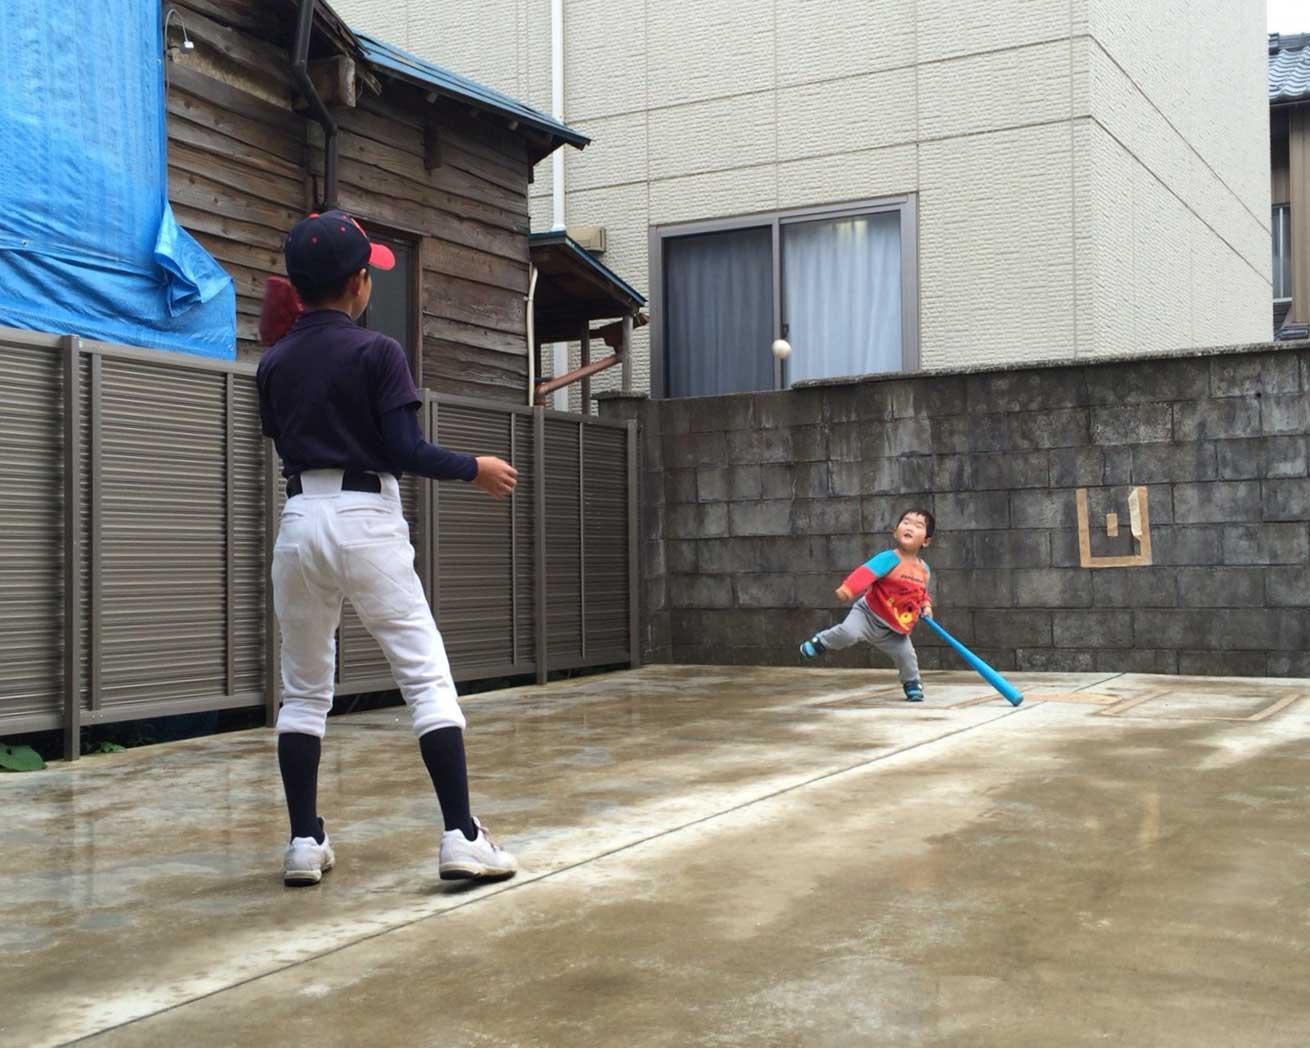 20160507_少年野球に向けて練習01